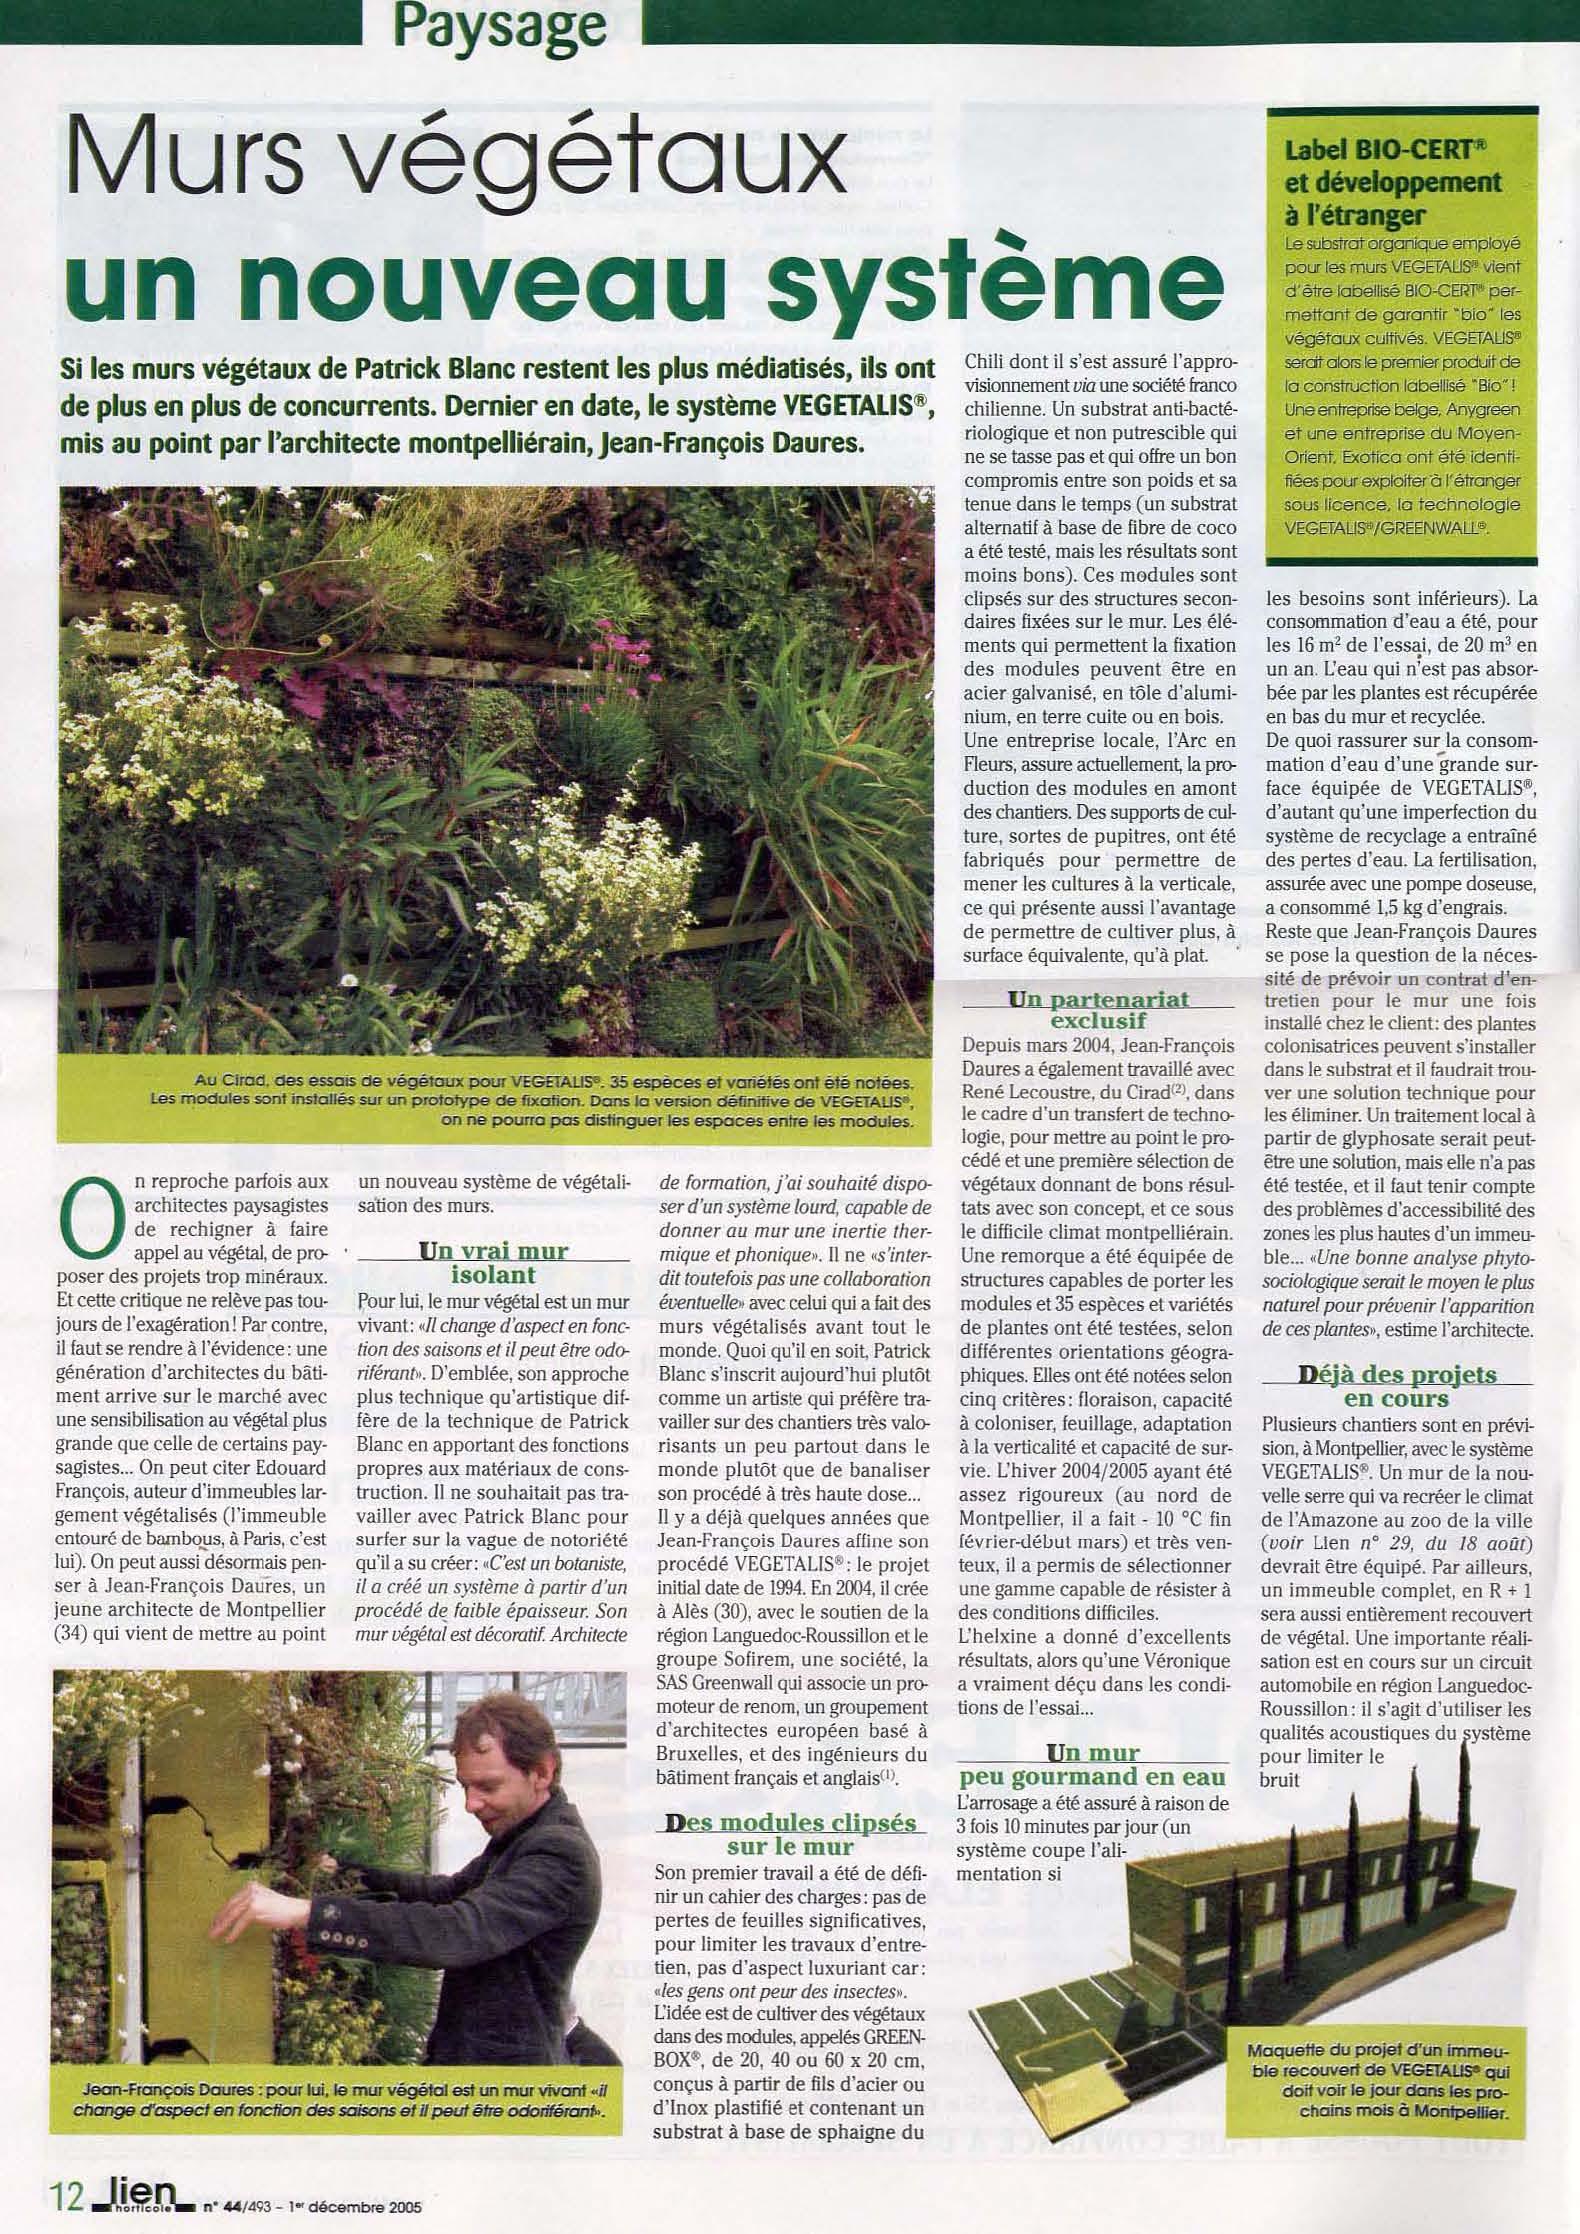 061201 - Le lien horticole_Page_1.jpg